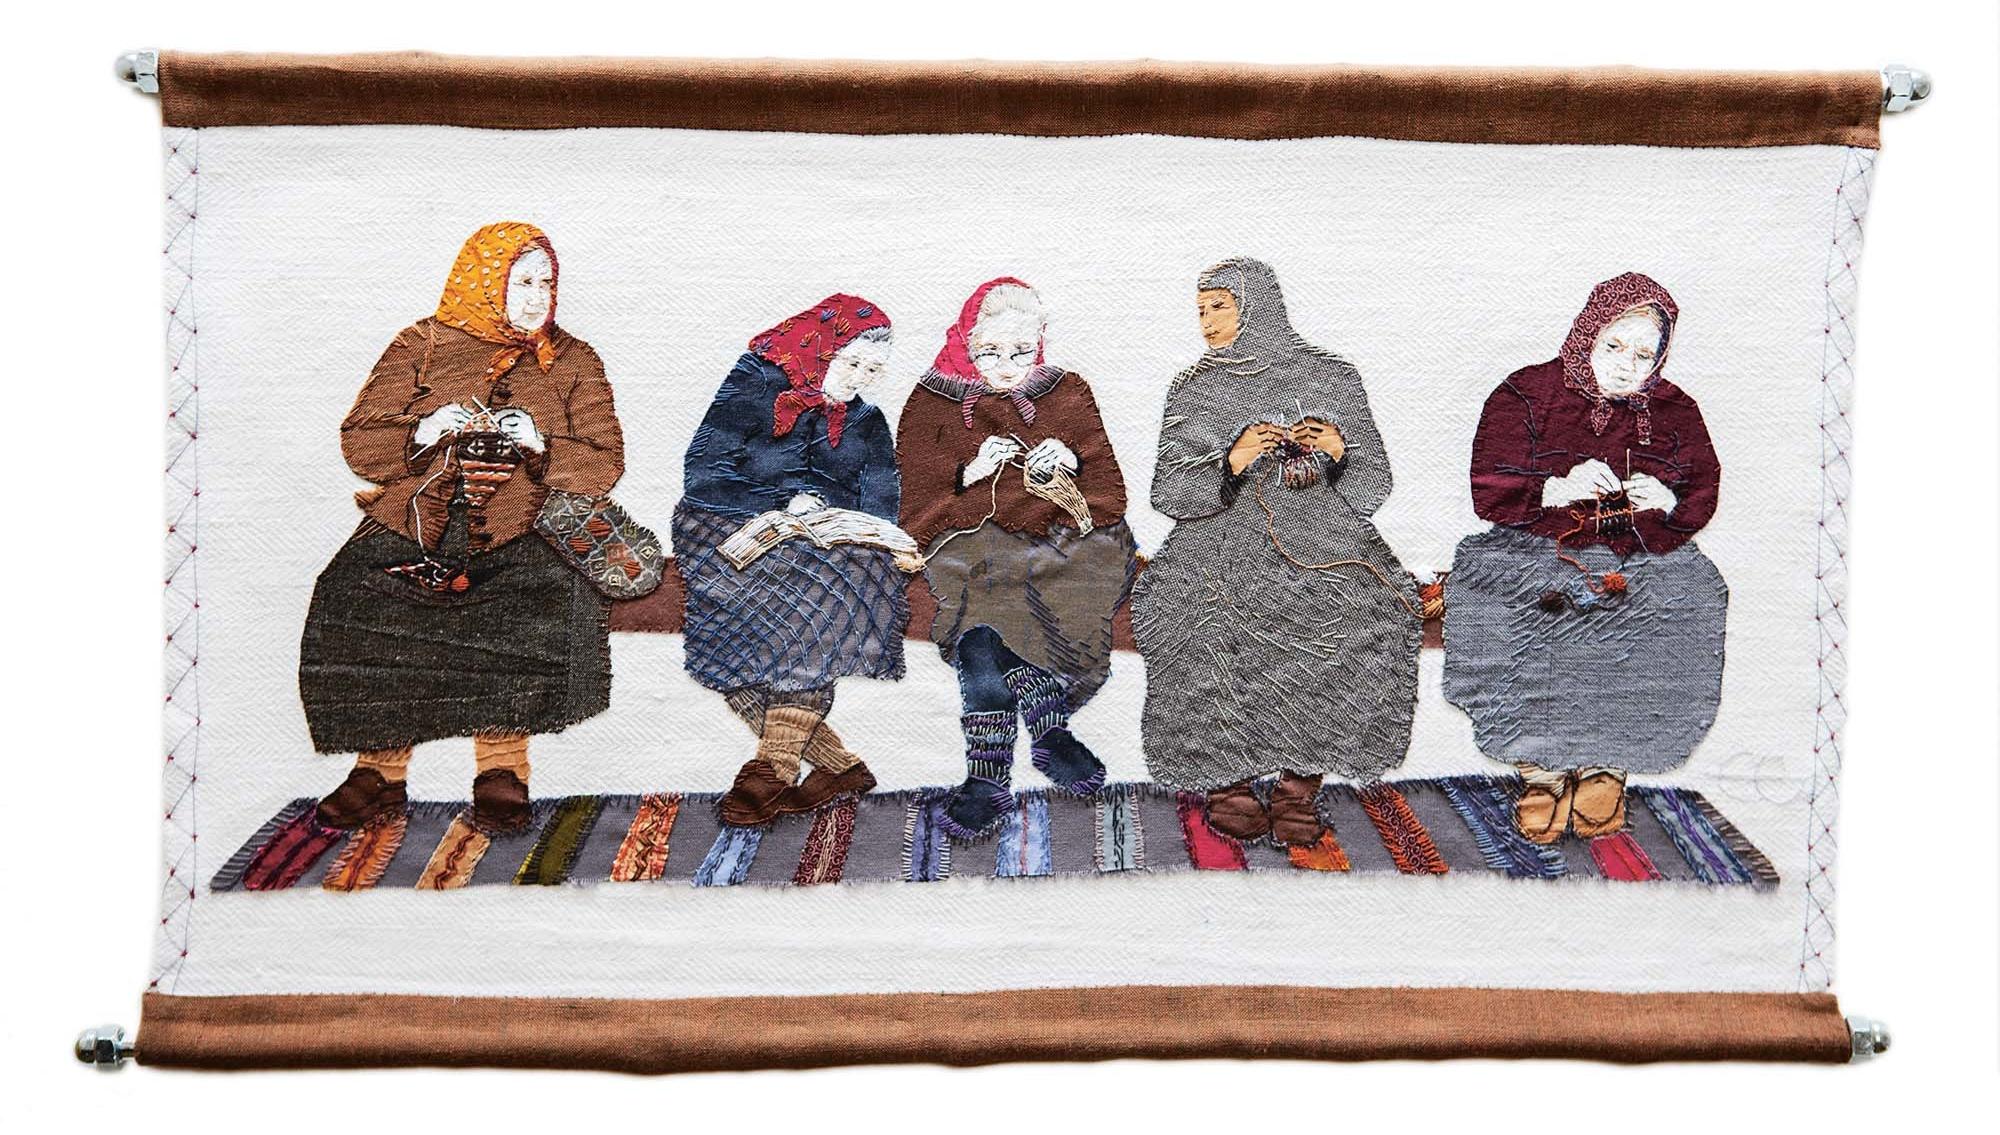 Broderi som föreställer fem kvinnor sitter och stickar tillsammans.